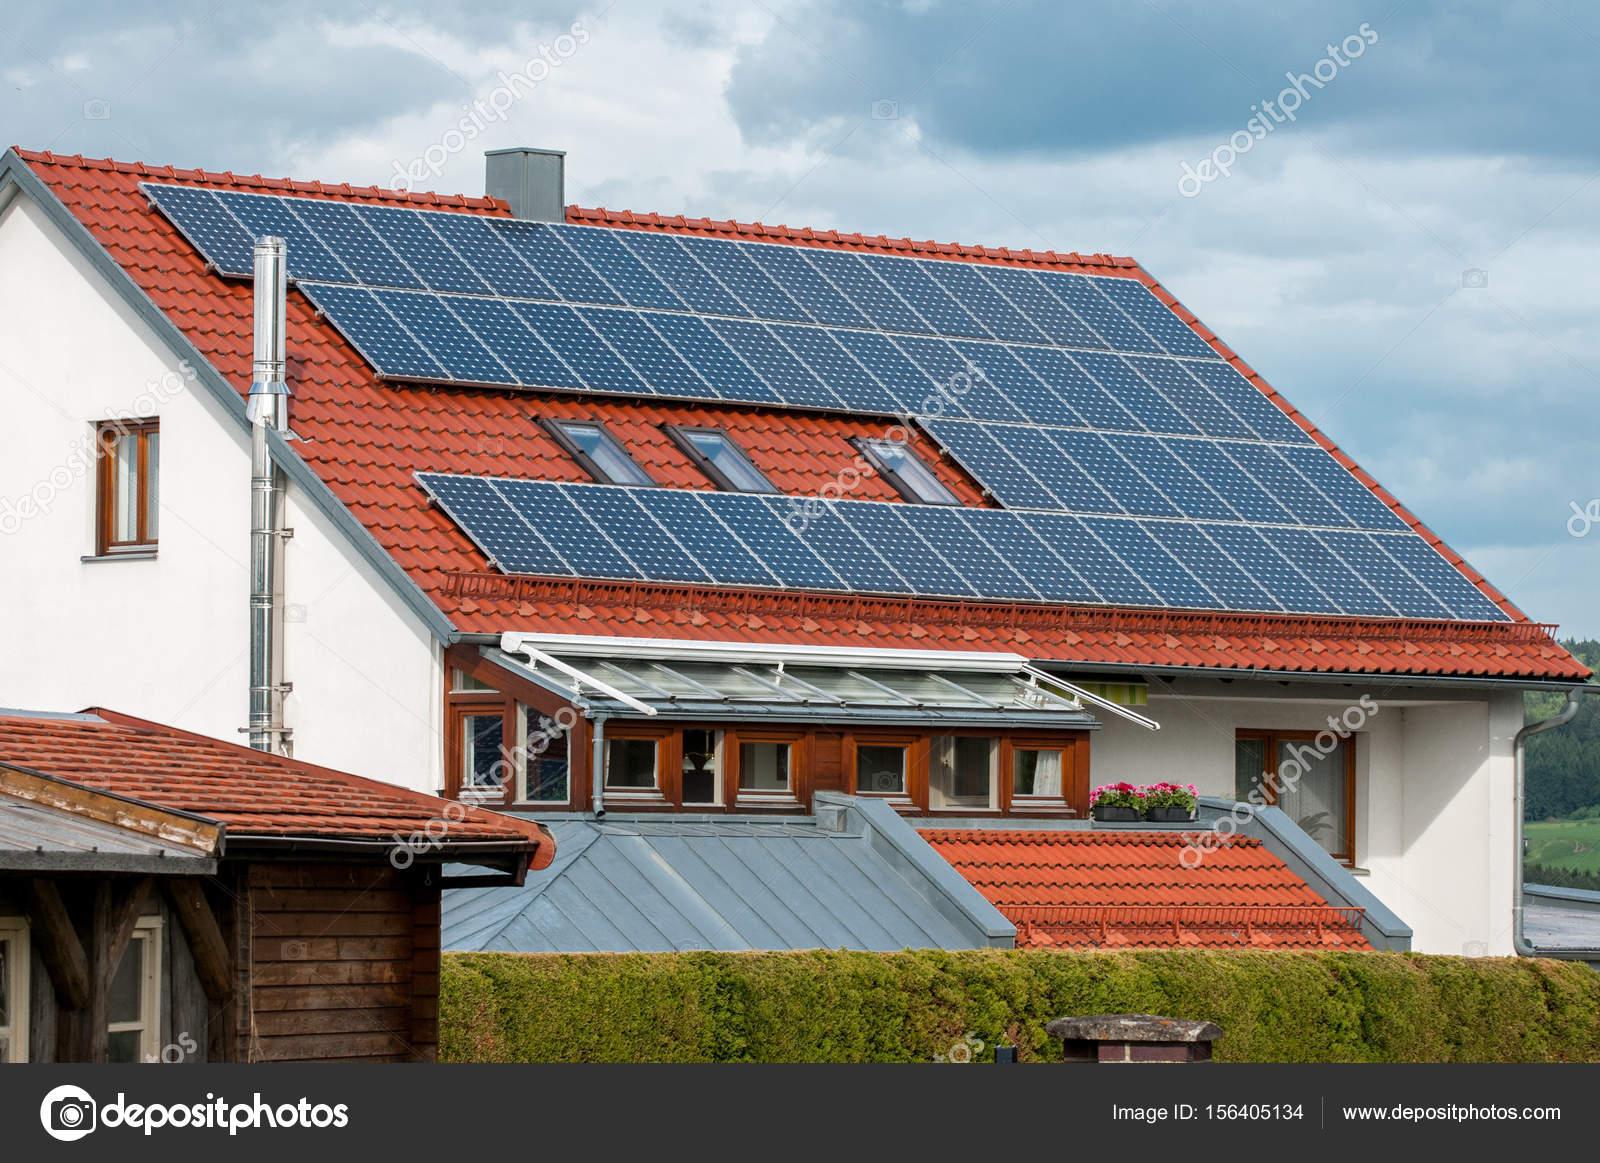 Exceptional Haus Mit Solarzellen Auf Dem Dach   Regenerative Energie System  Stromerzeugung U2014 Foto Von Tsirika.gmail.com